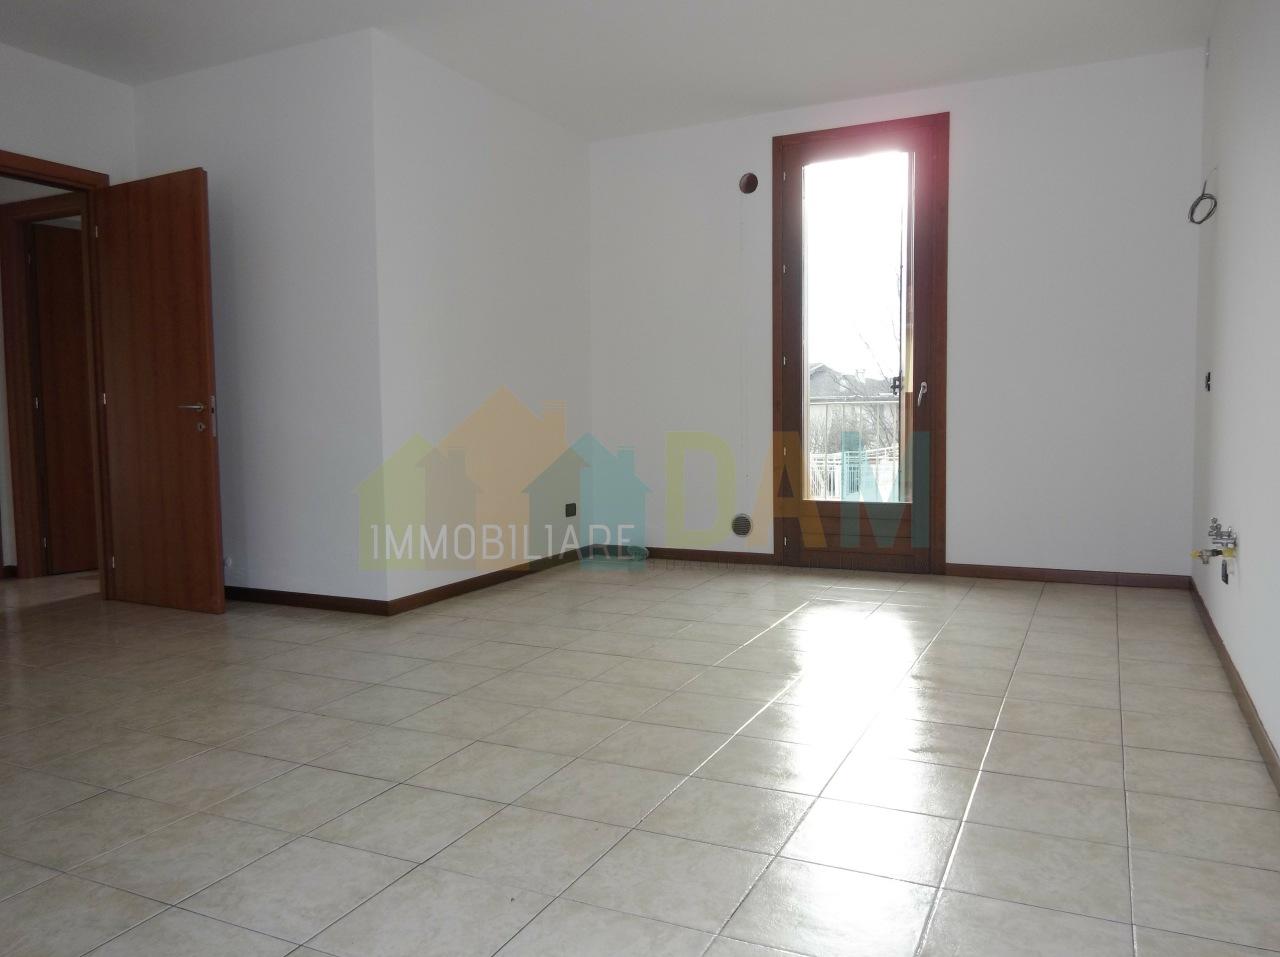 Bilocale in affitto Rif. 11117819